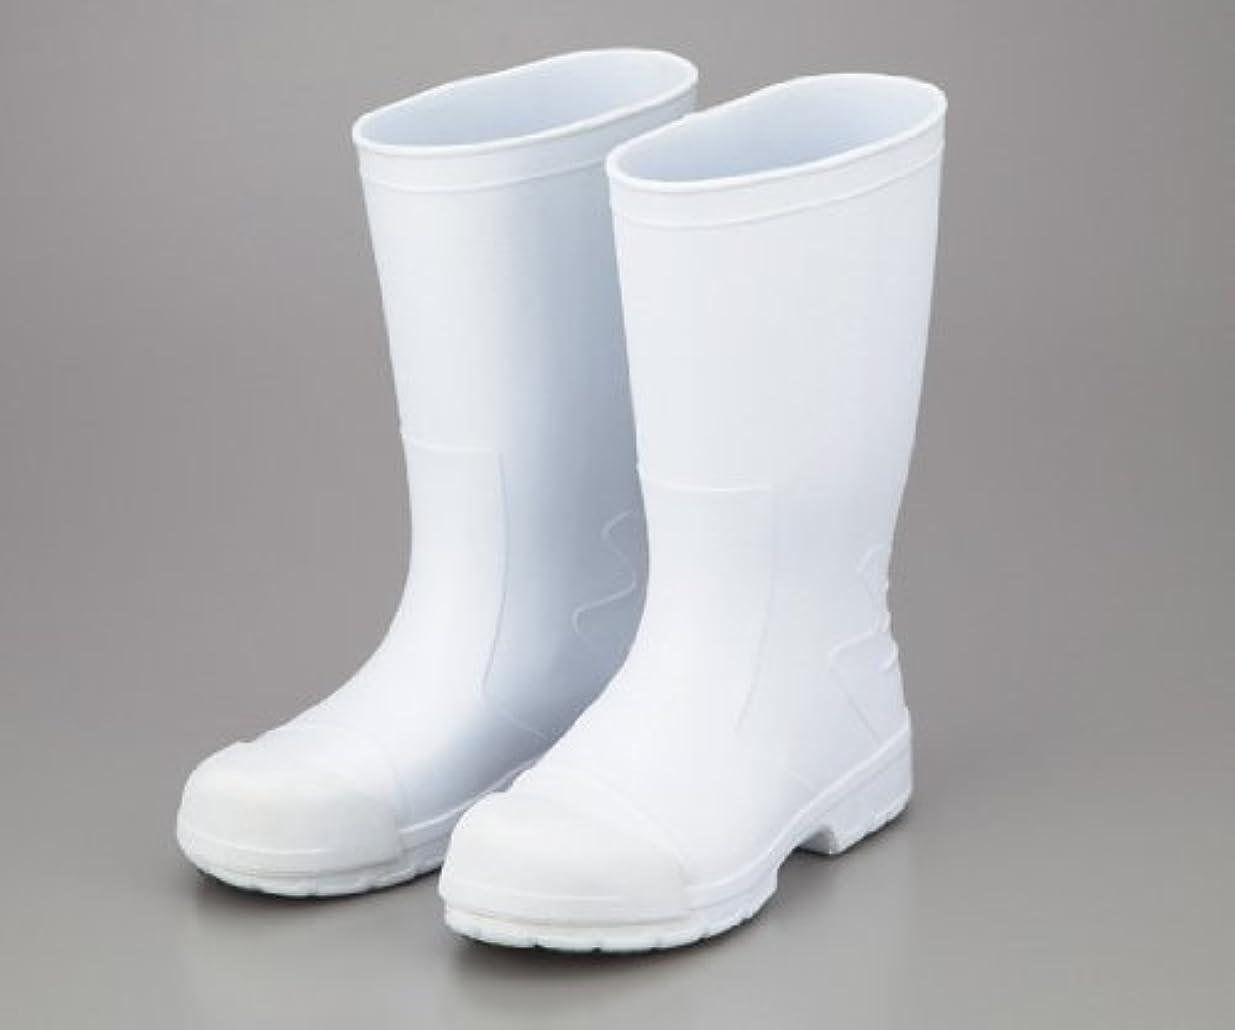 キャンディー発症両方アズワン サニフィット耐油長靴 先芯入軽量 28.0cm 1足 / 2-3820-04